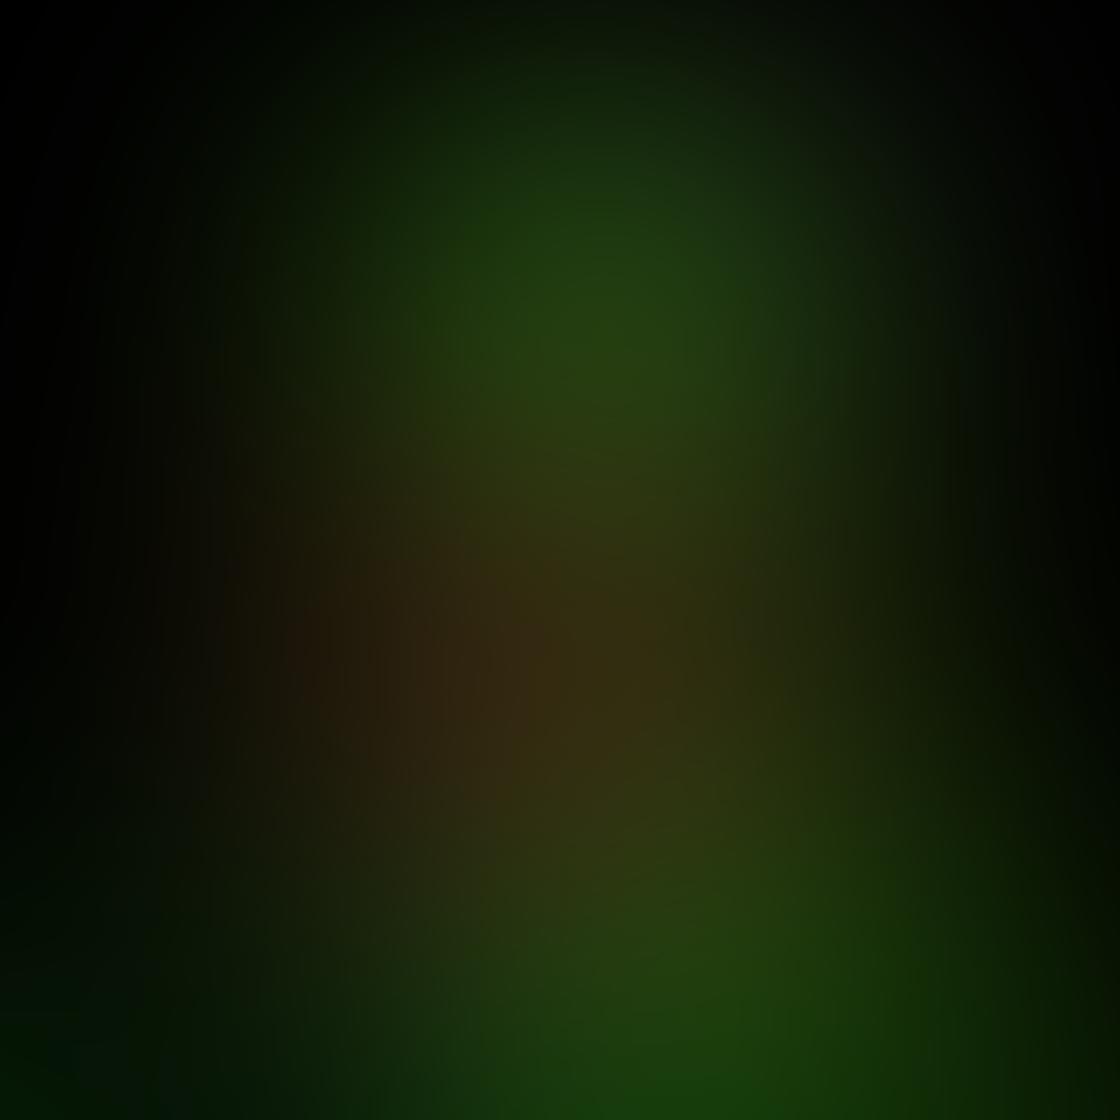 Artificial Light iPhone Photos 4